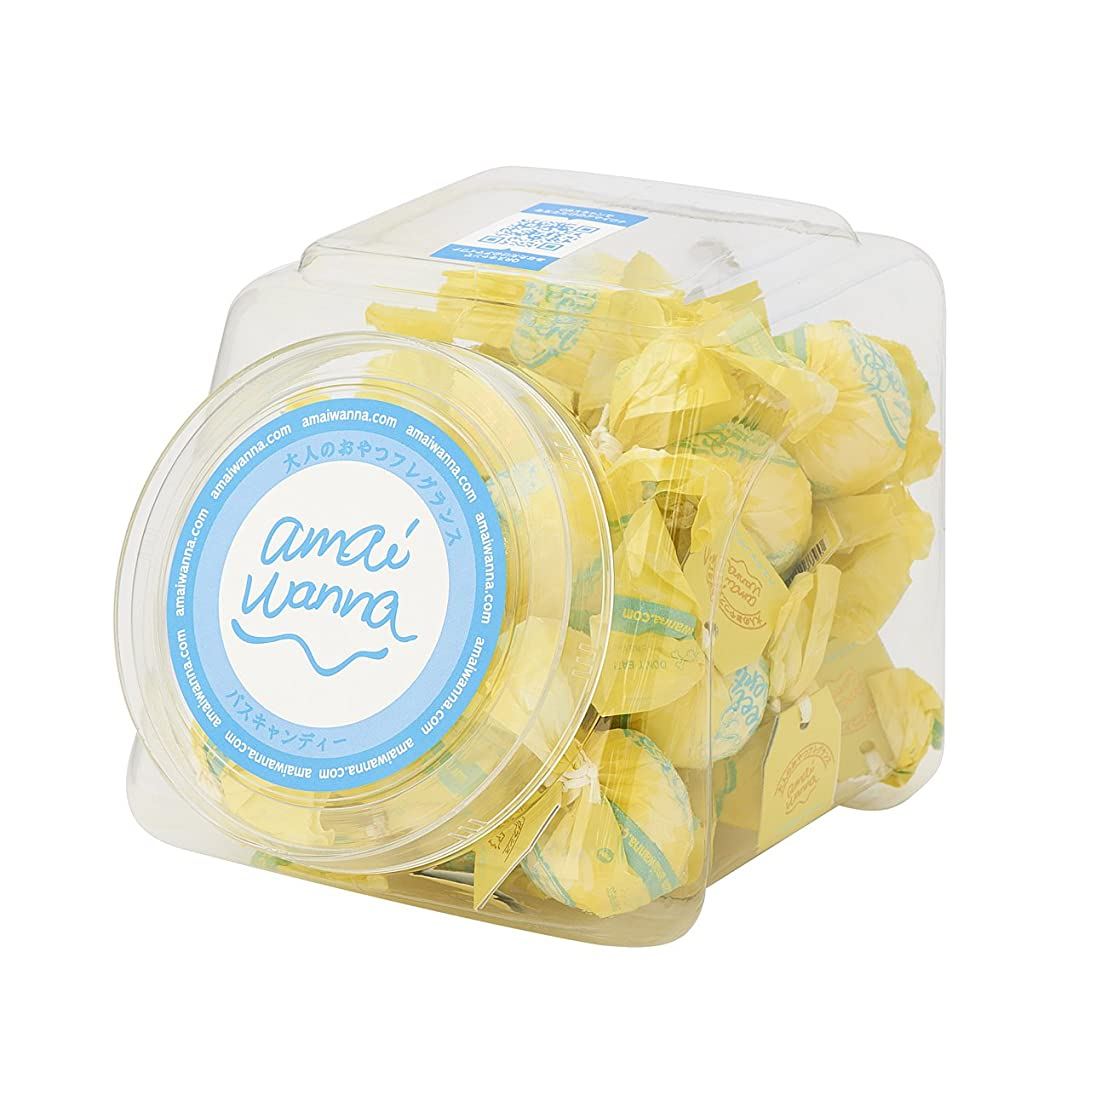 したがって松の木レモンアマイワナ バスキャンディーポットセット 大人の甘美デザート